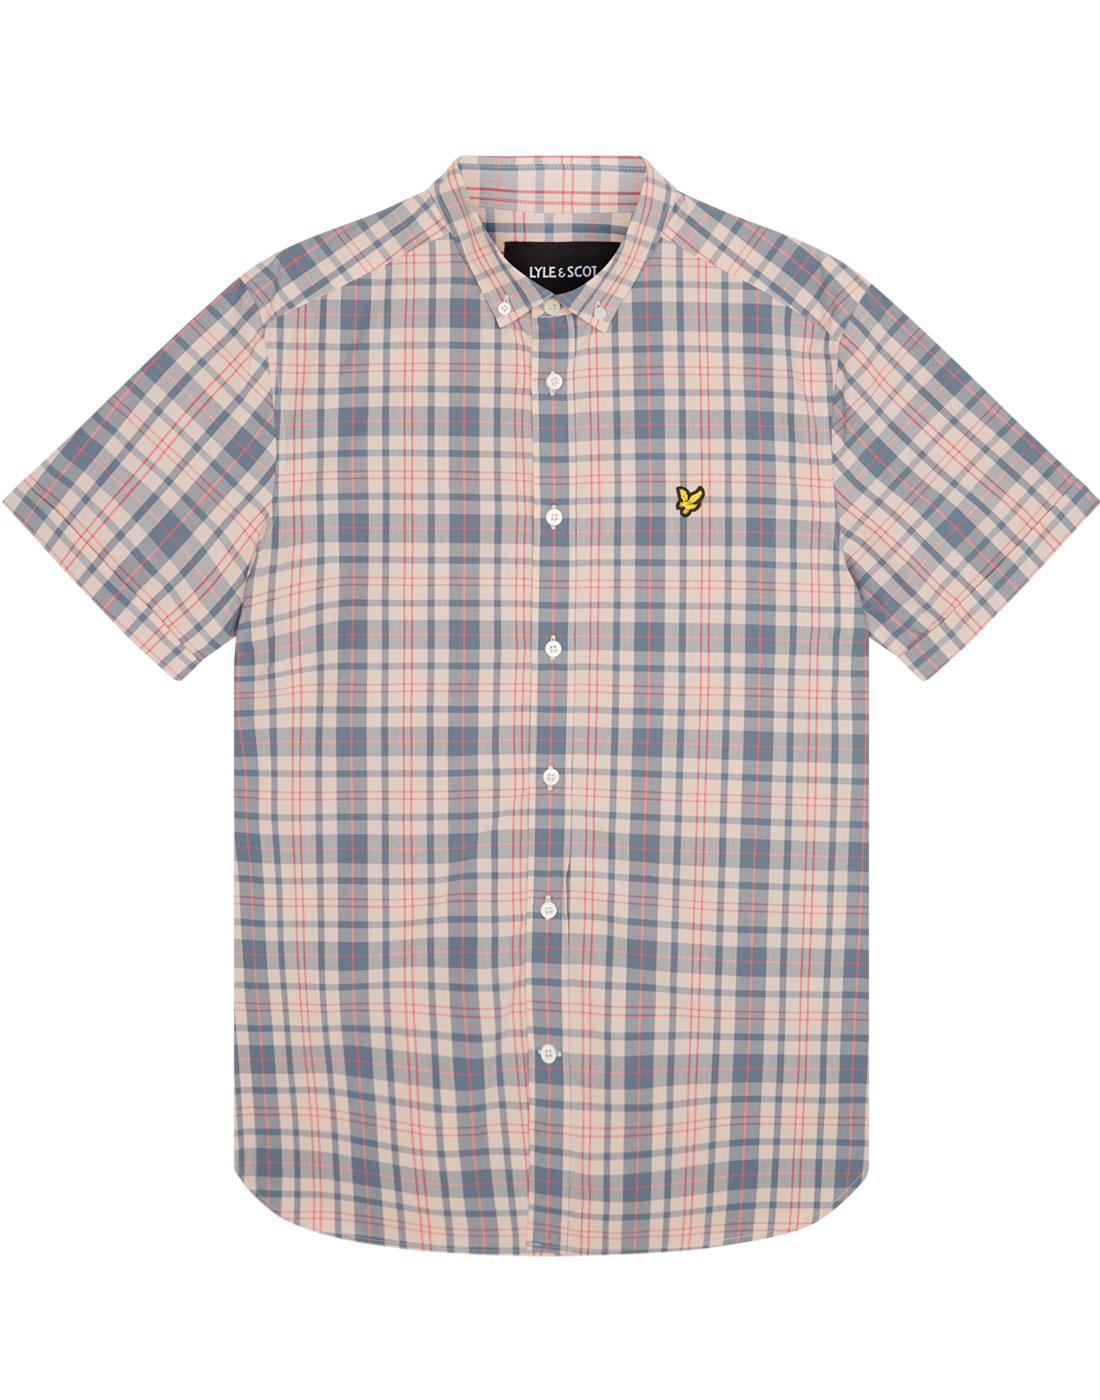 LYLE & SCOTT Retro Mod SS Plaid Check Shirt (DP)